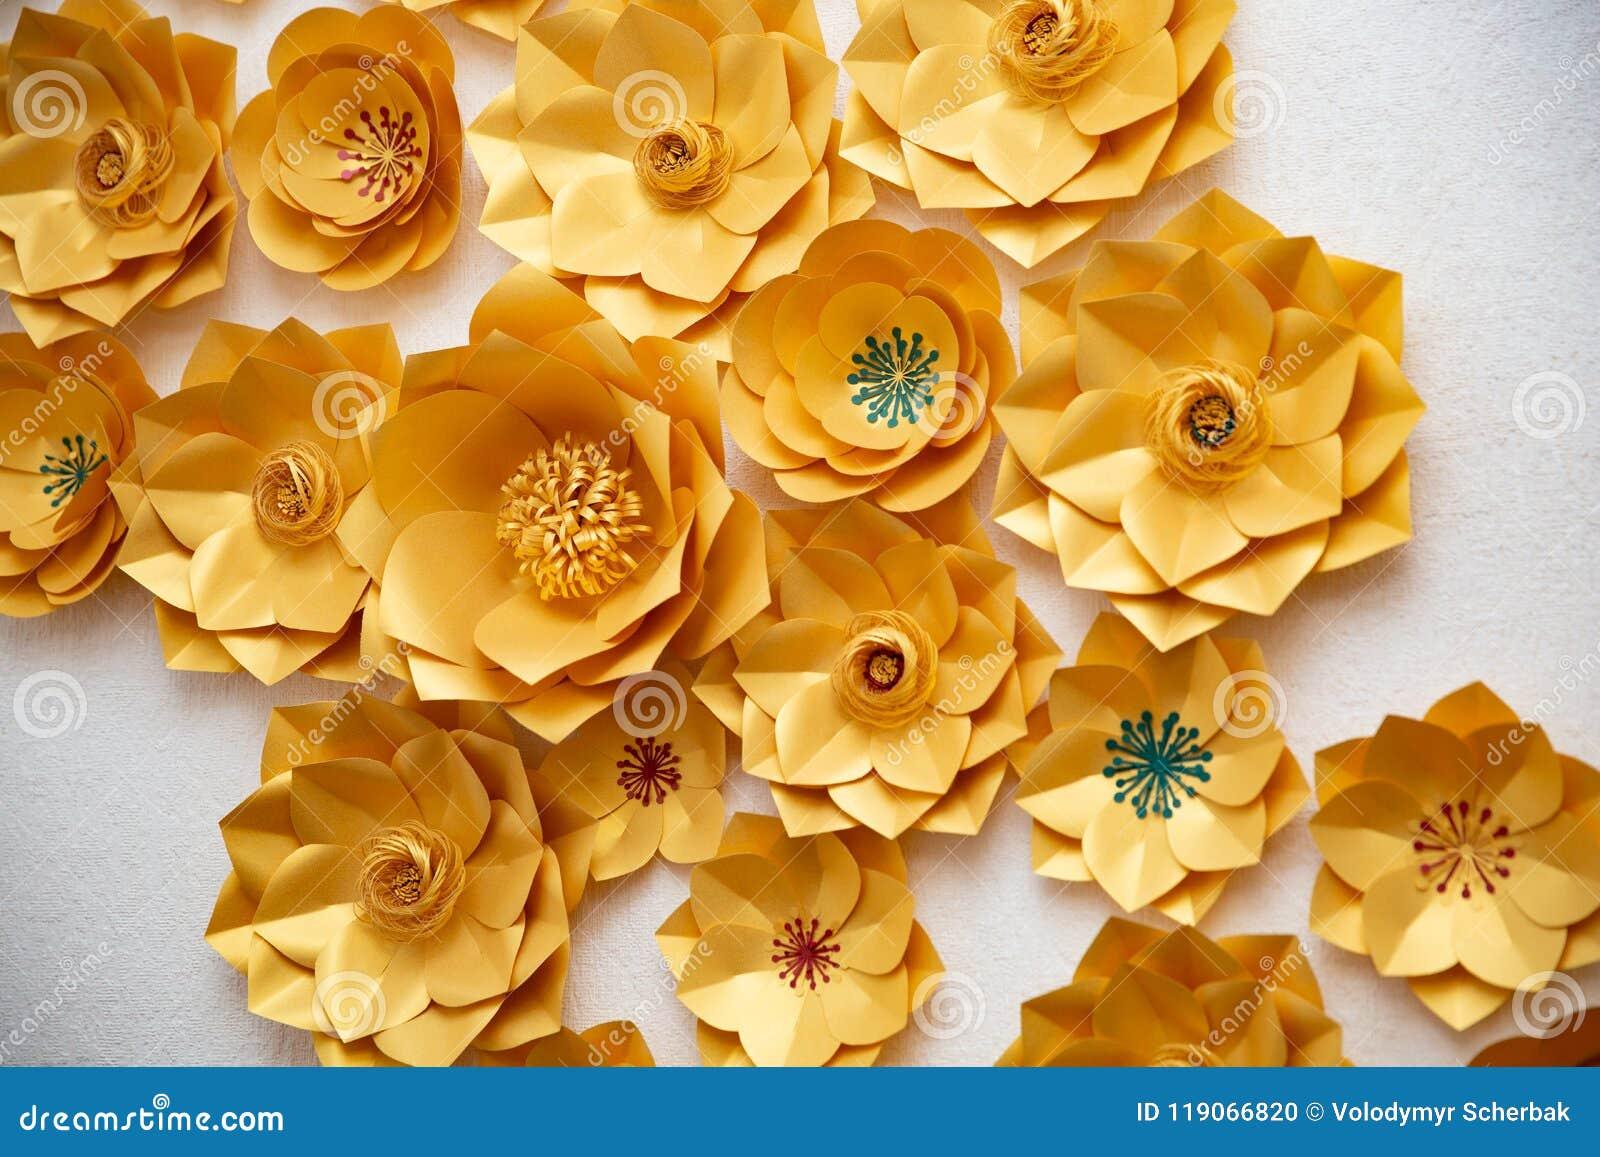 Arreglo Floral De Las Flores De Papel En Un Fondo Blanco La